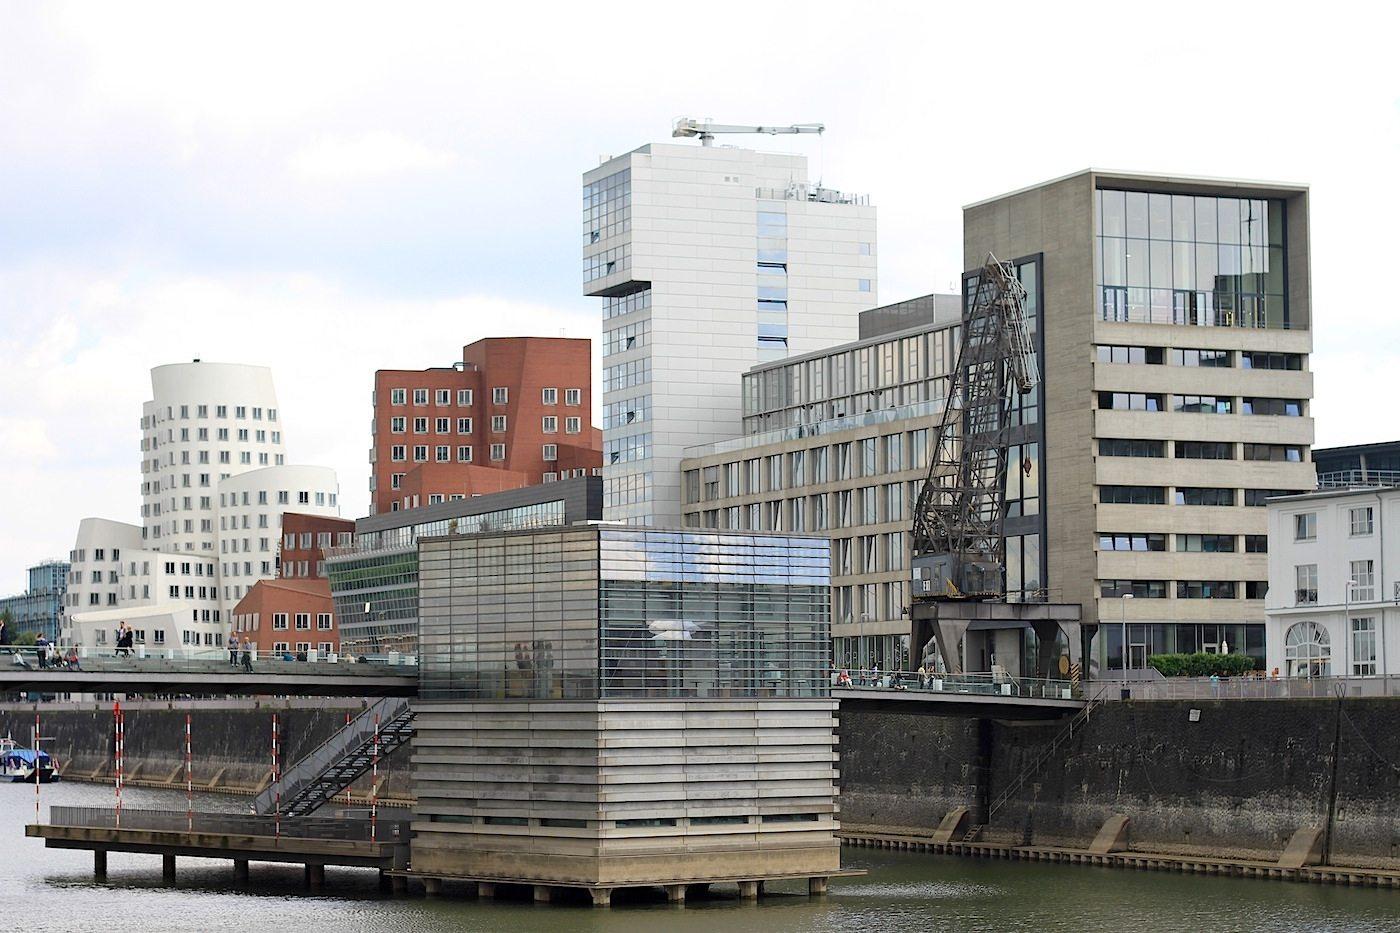 Am Handelshafen. Der Blick vom Julo-Levin-Ufer auf den Neuen Zollhof, den Chipperfield-Bau und die Fußgänger- und Radfahrerbrücke mit dem Pavillon (von slapa oberholz pszczulny sop architekten). Der Entwurf für den weißen hochaufragenden Turm stammt von Steven Holl.